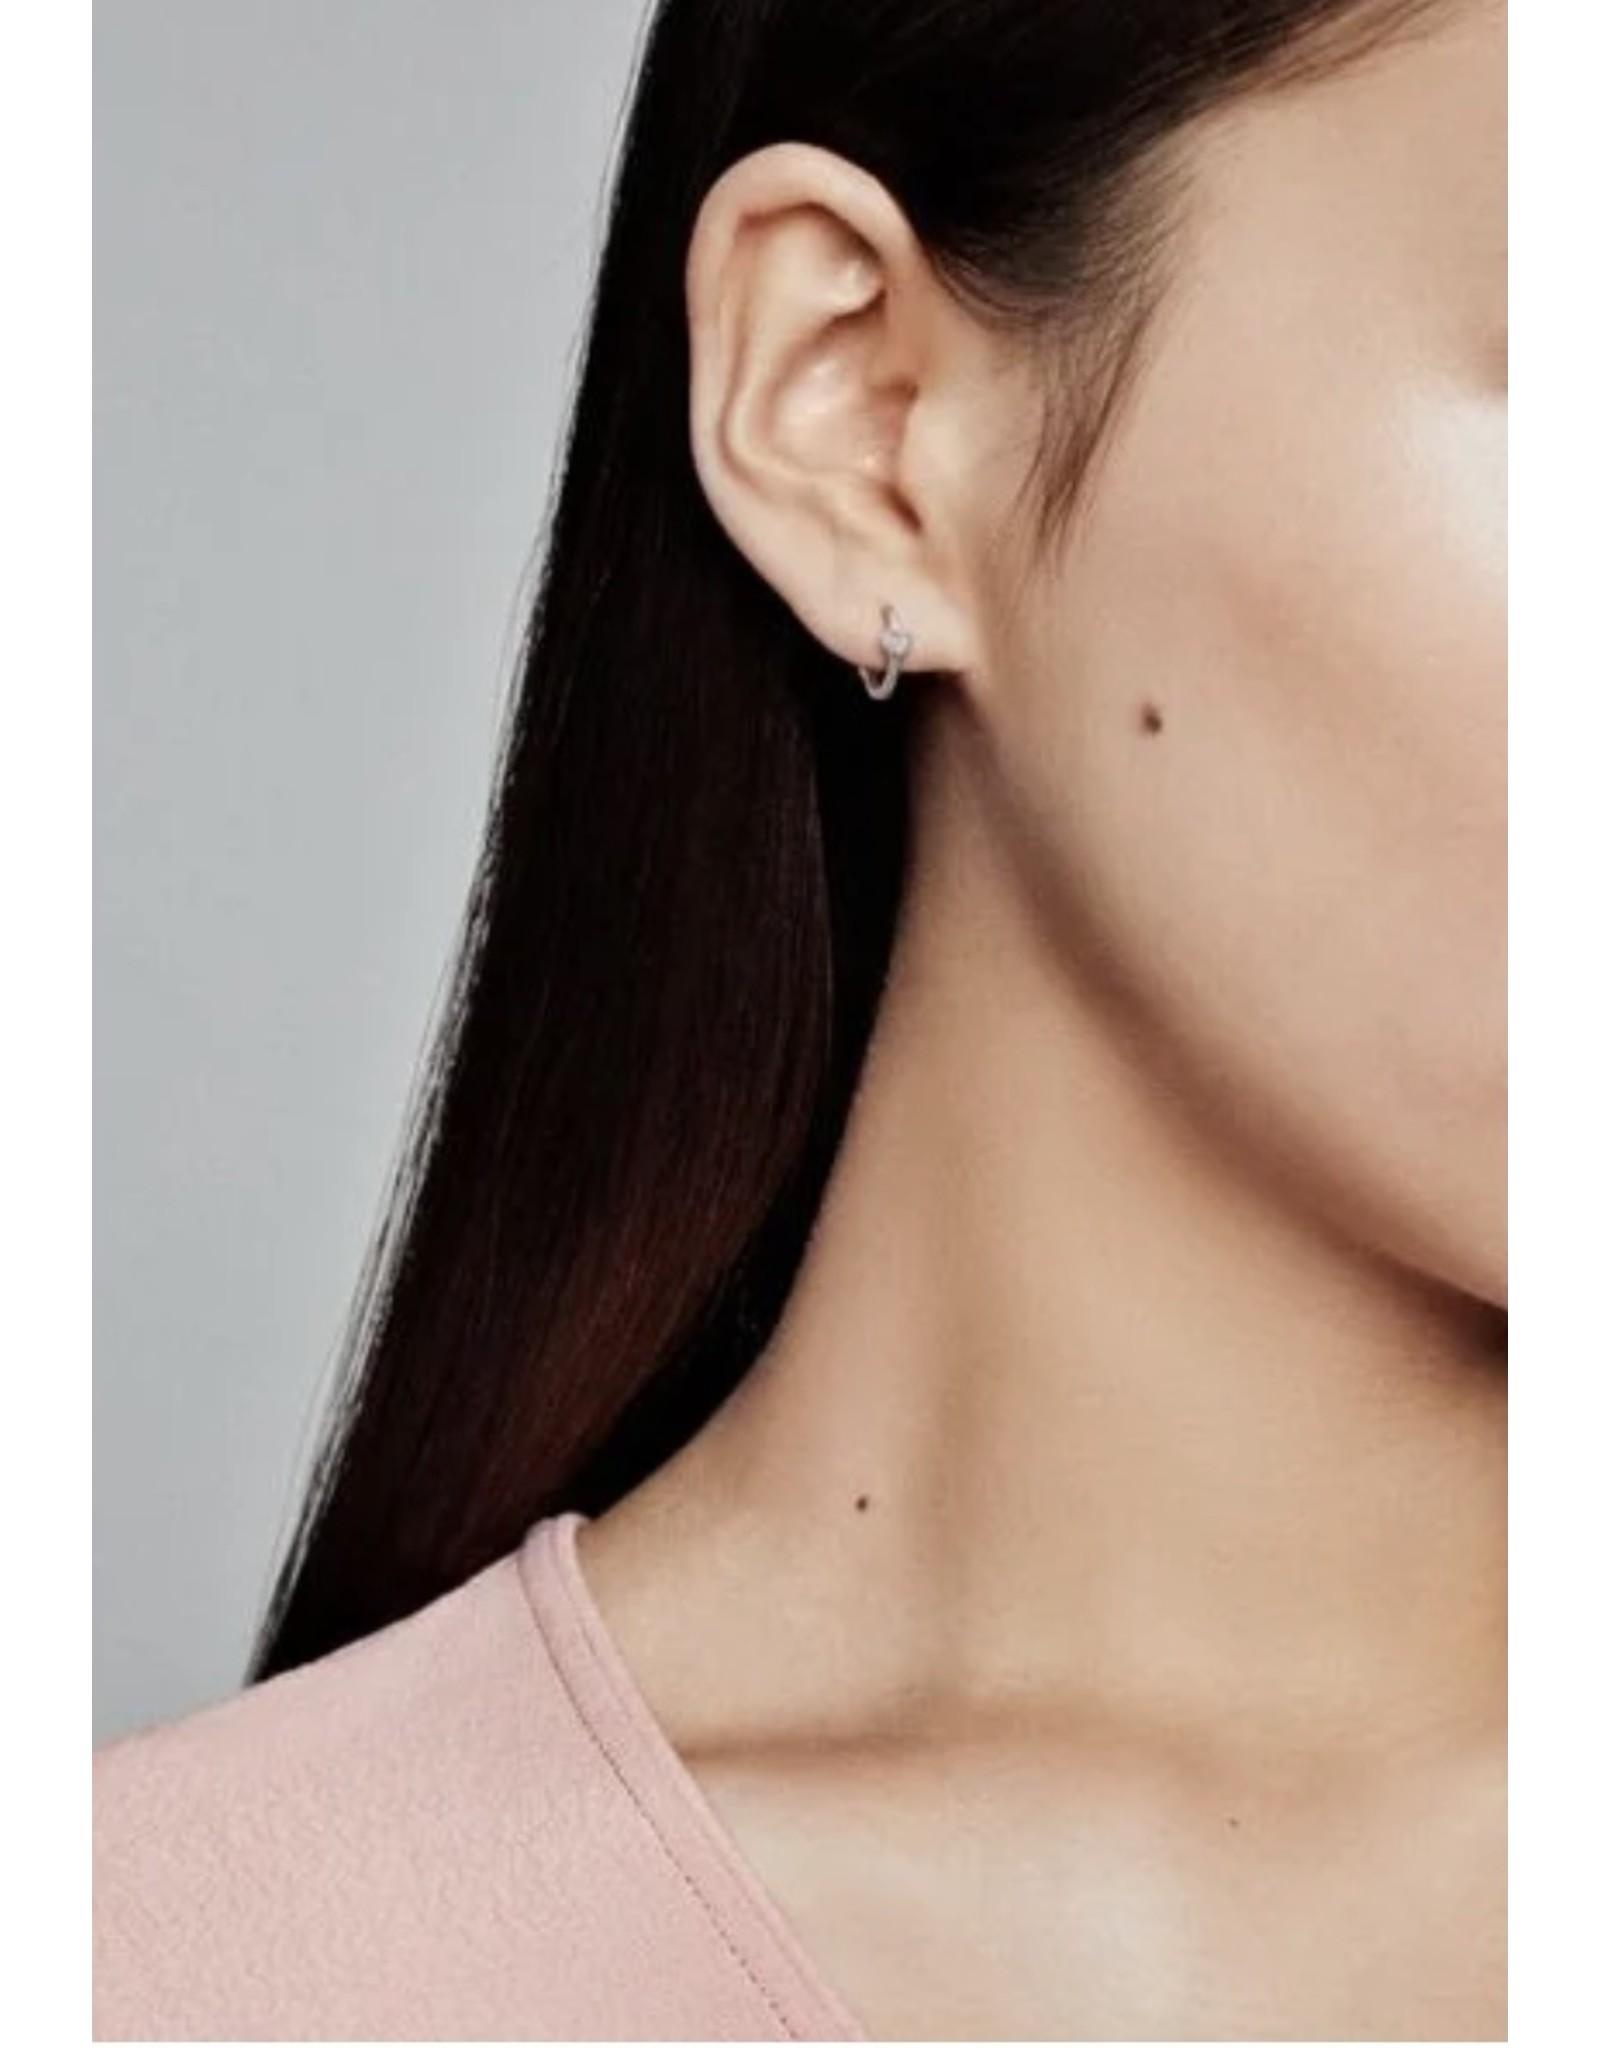 Pandora Pandora Earrings, 297290CZ, Heart Hoop, Sterling Silver Clear CZ